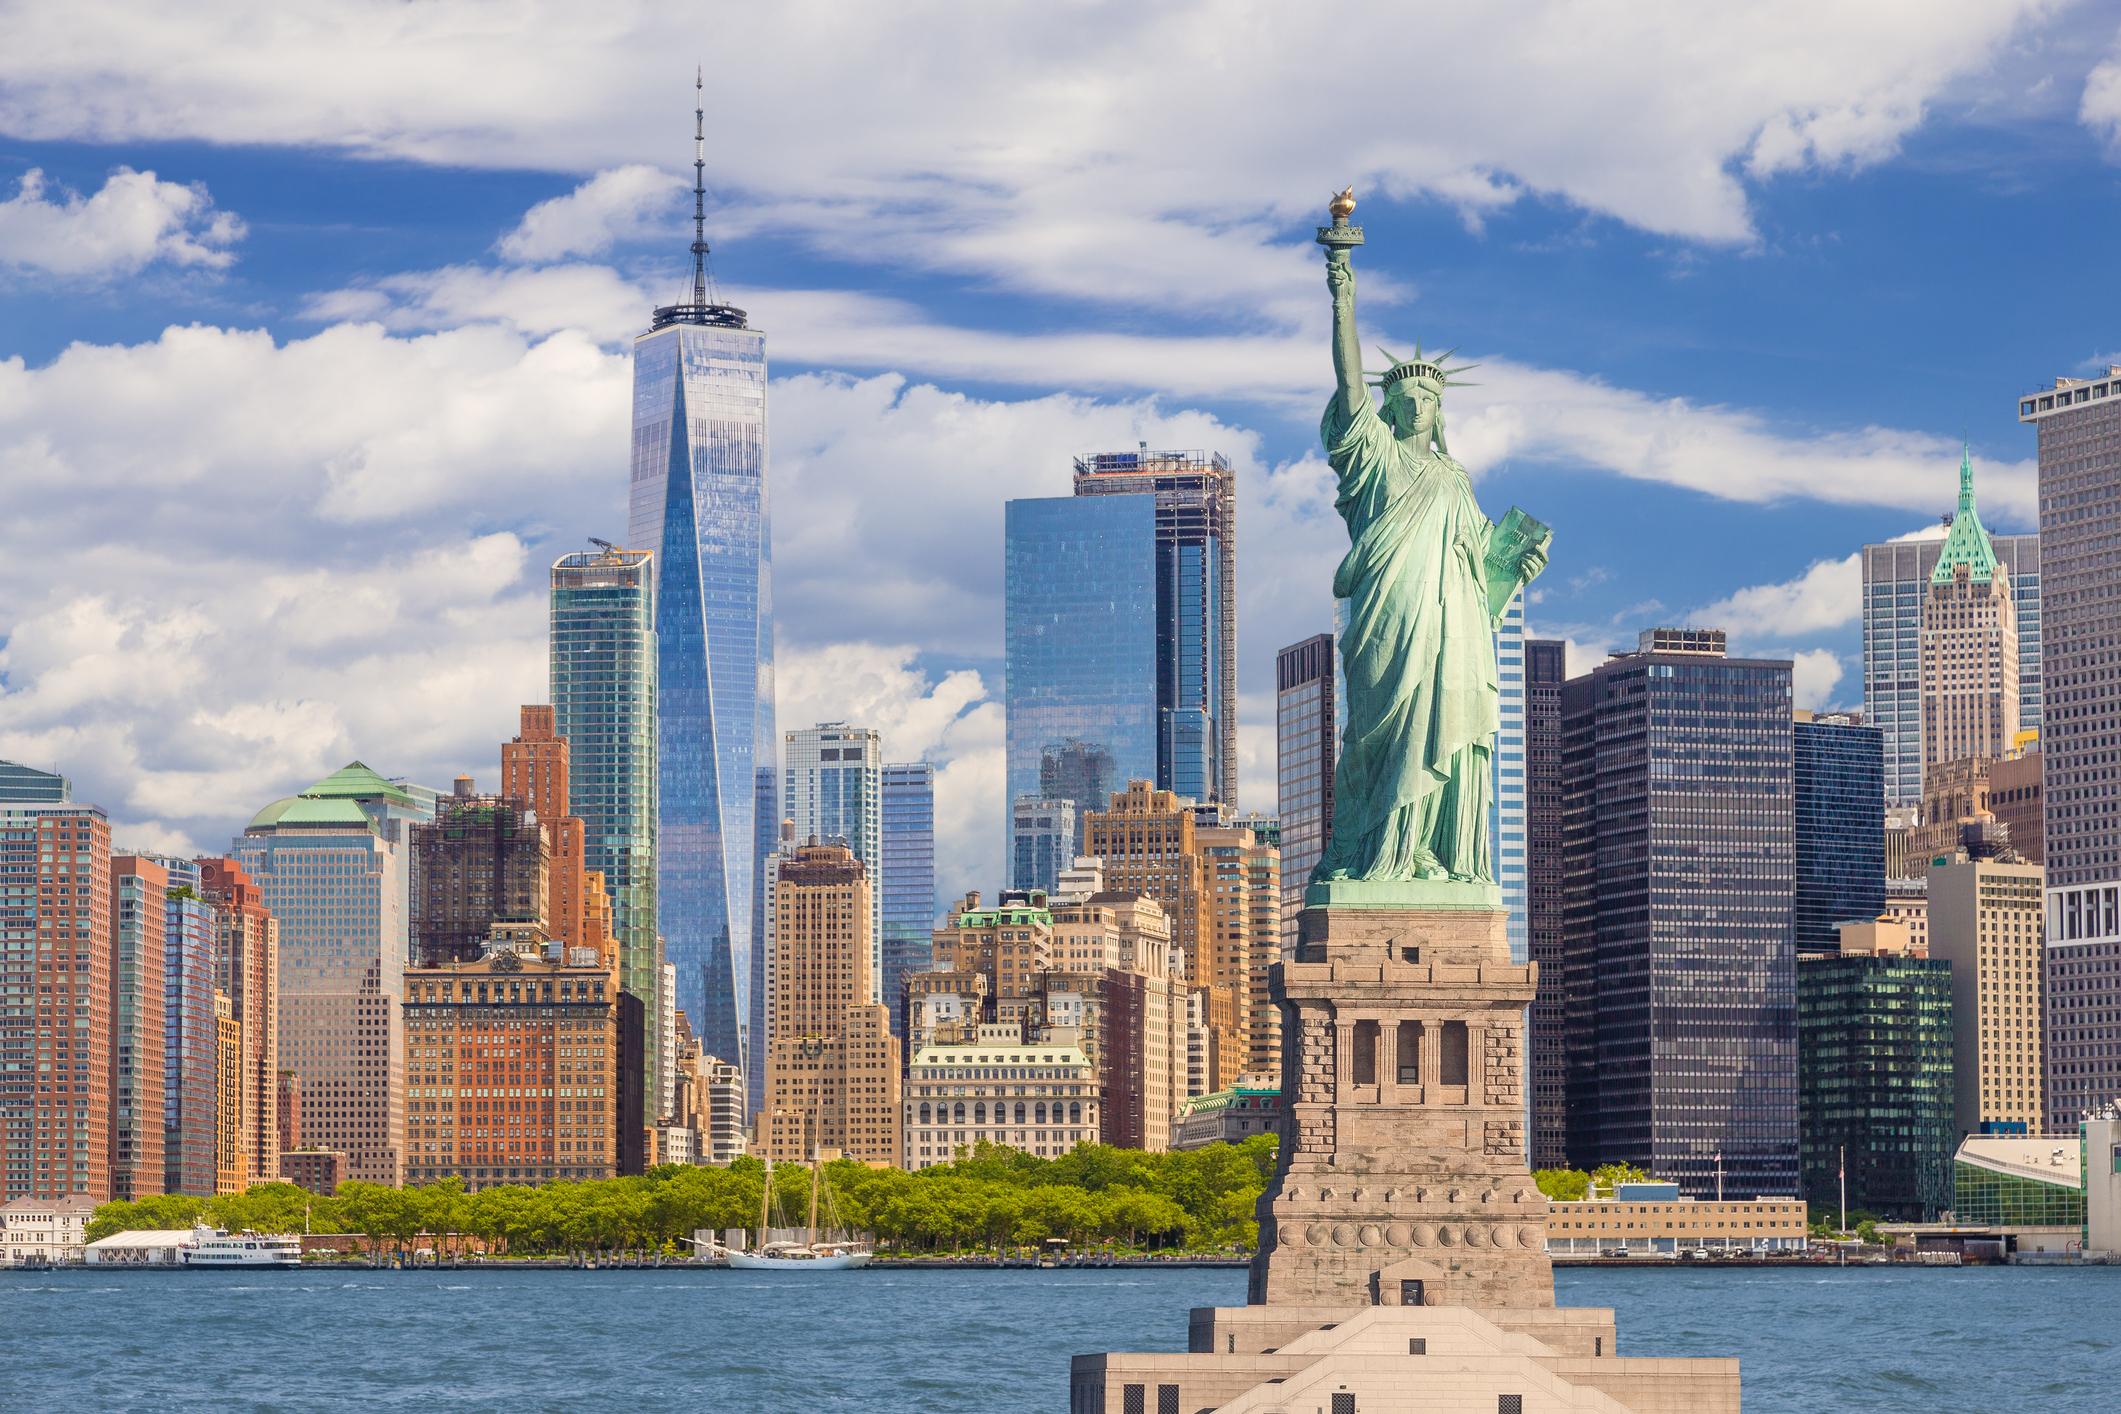 تكاليف السكن في نيويورك - تحديث 2021